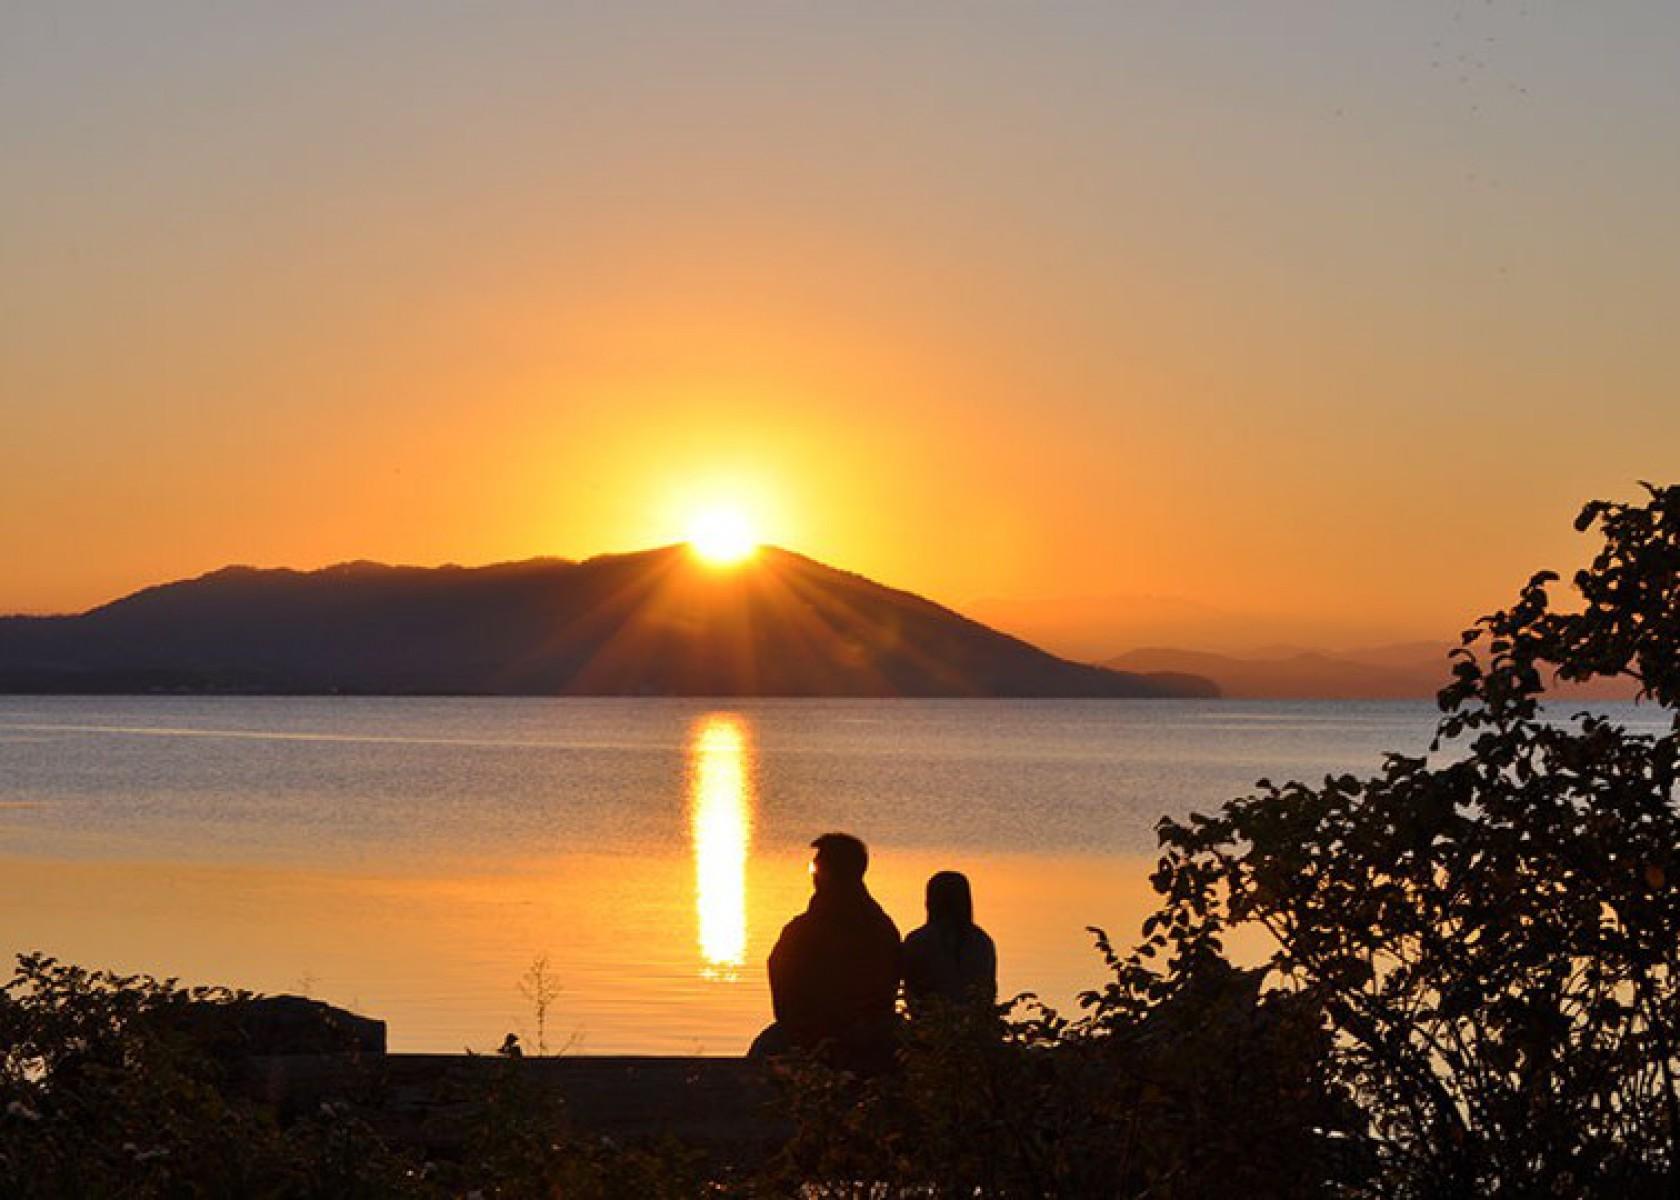 サロマ湖に沈む夕日